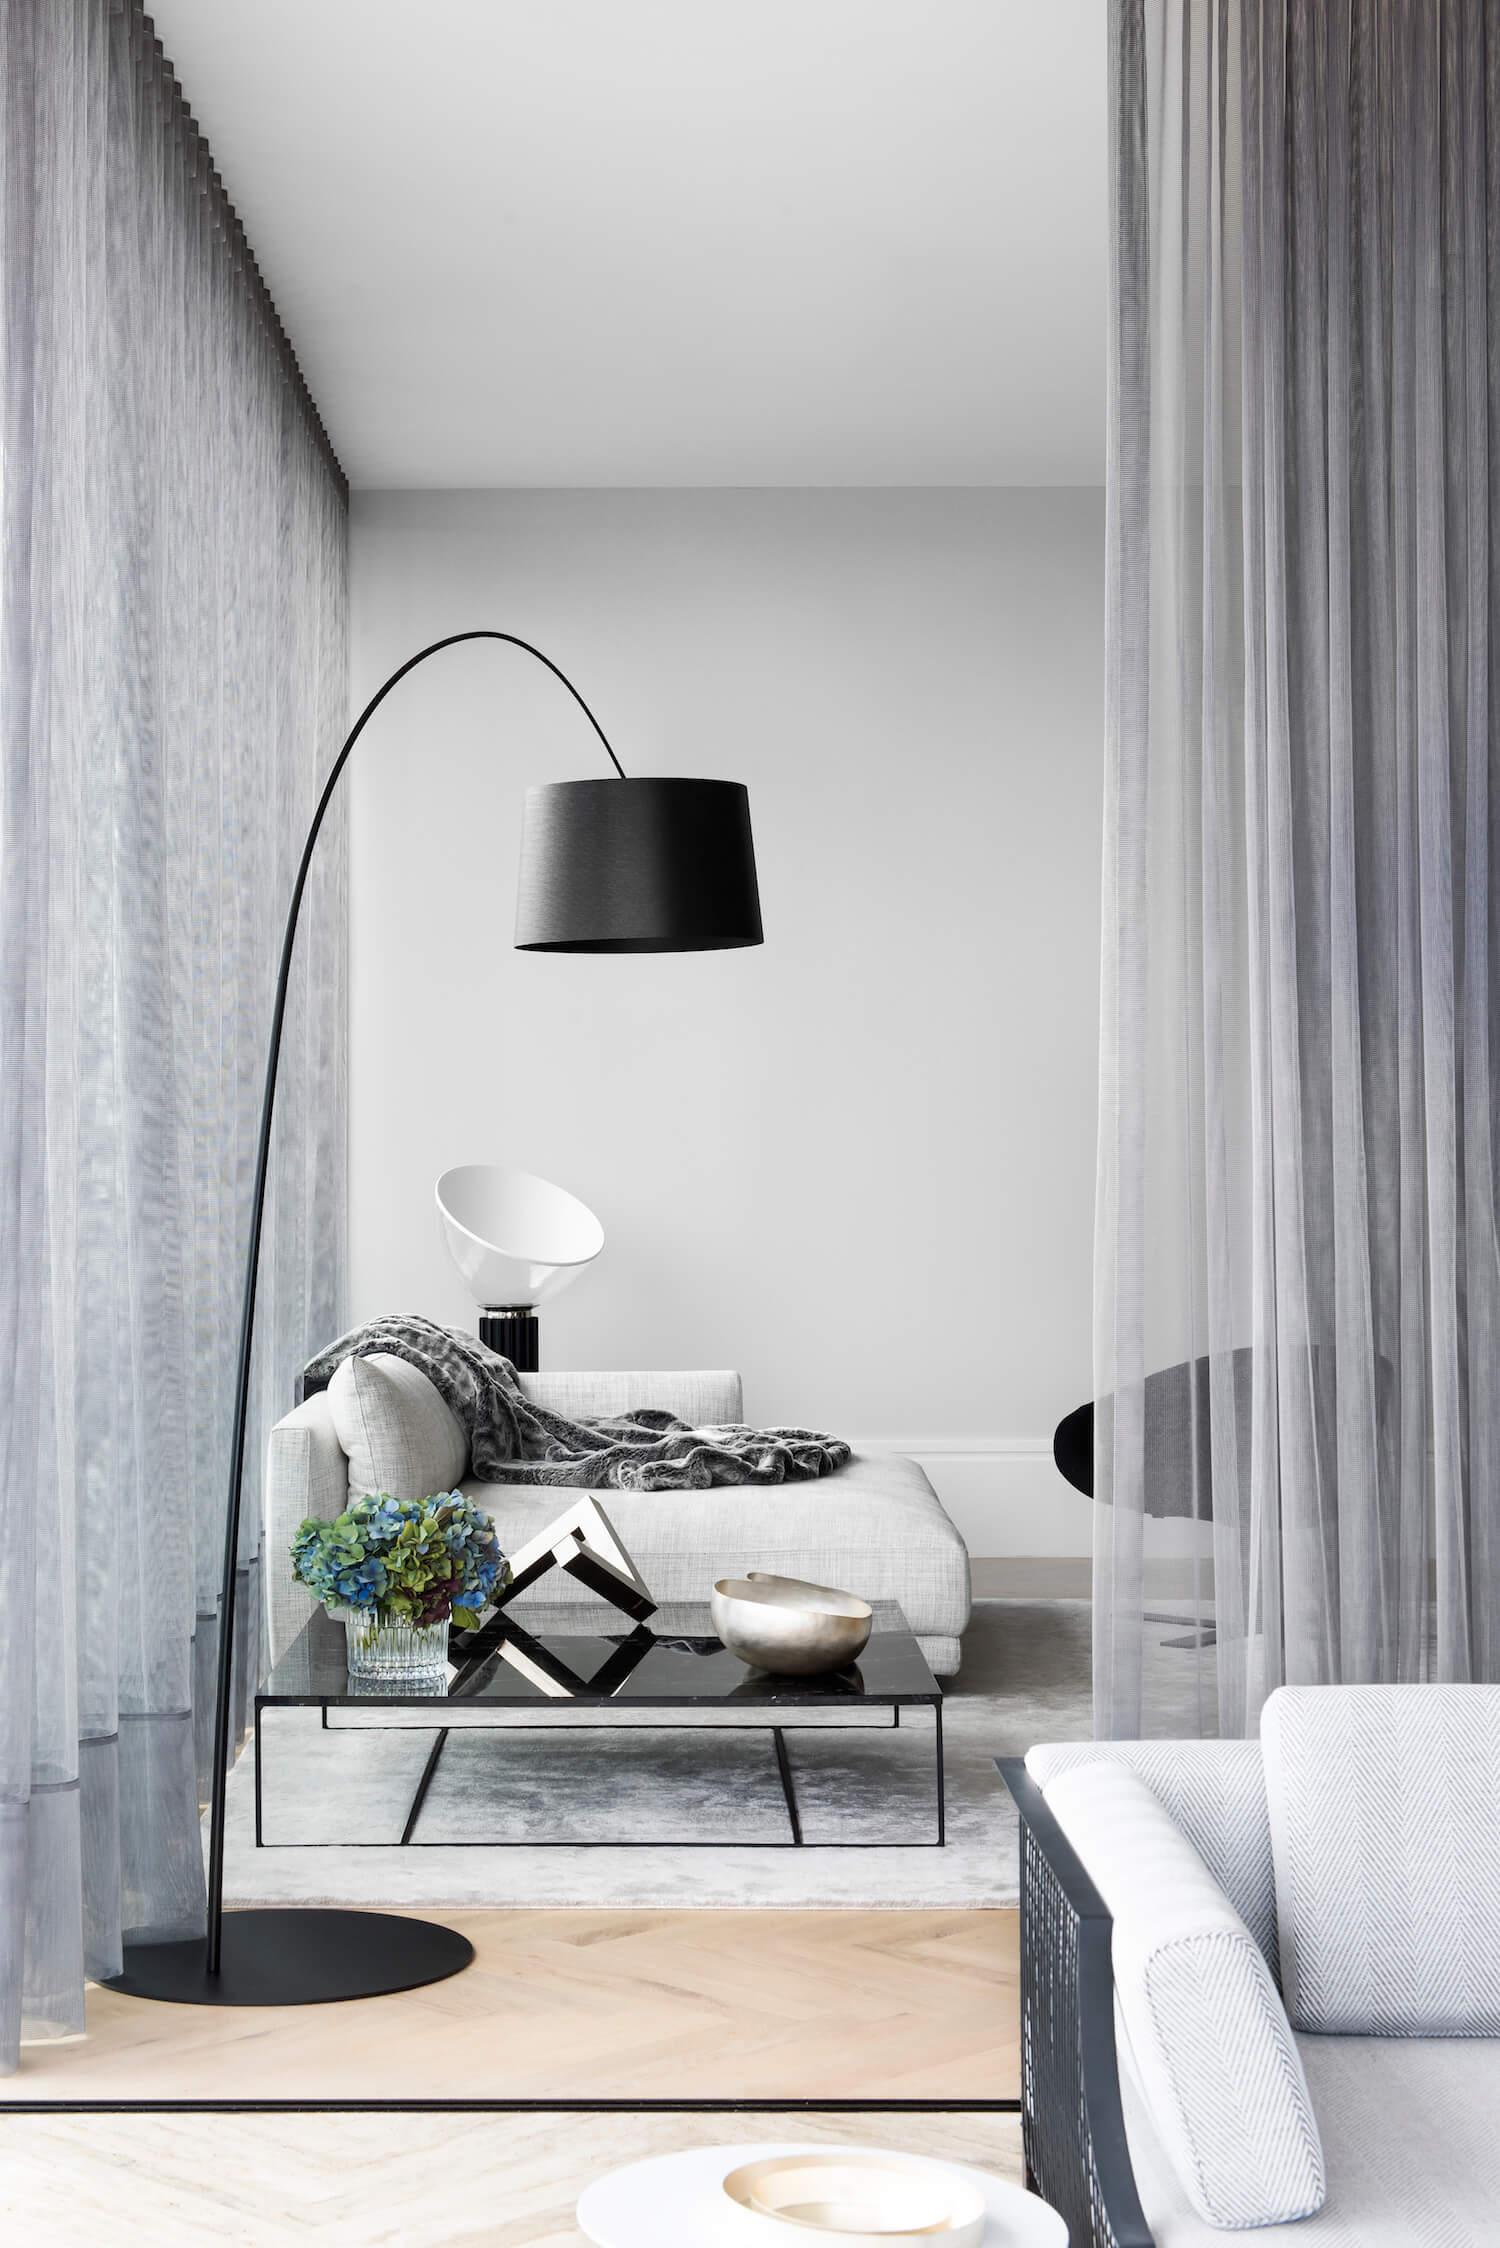 est living interiors potts point penthouse 10